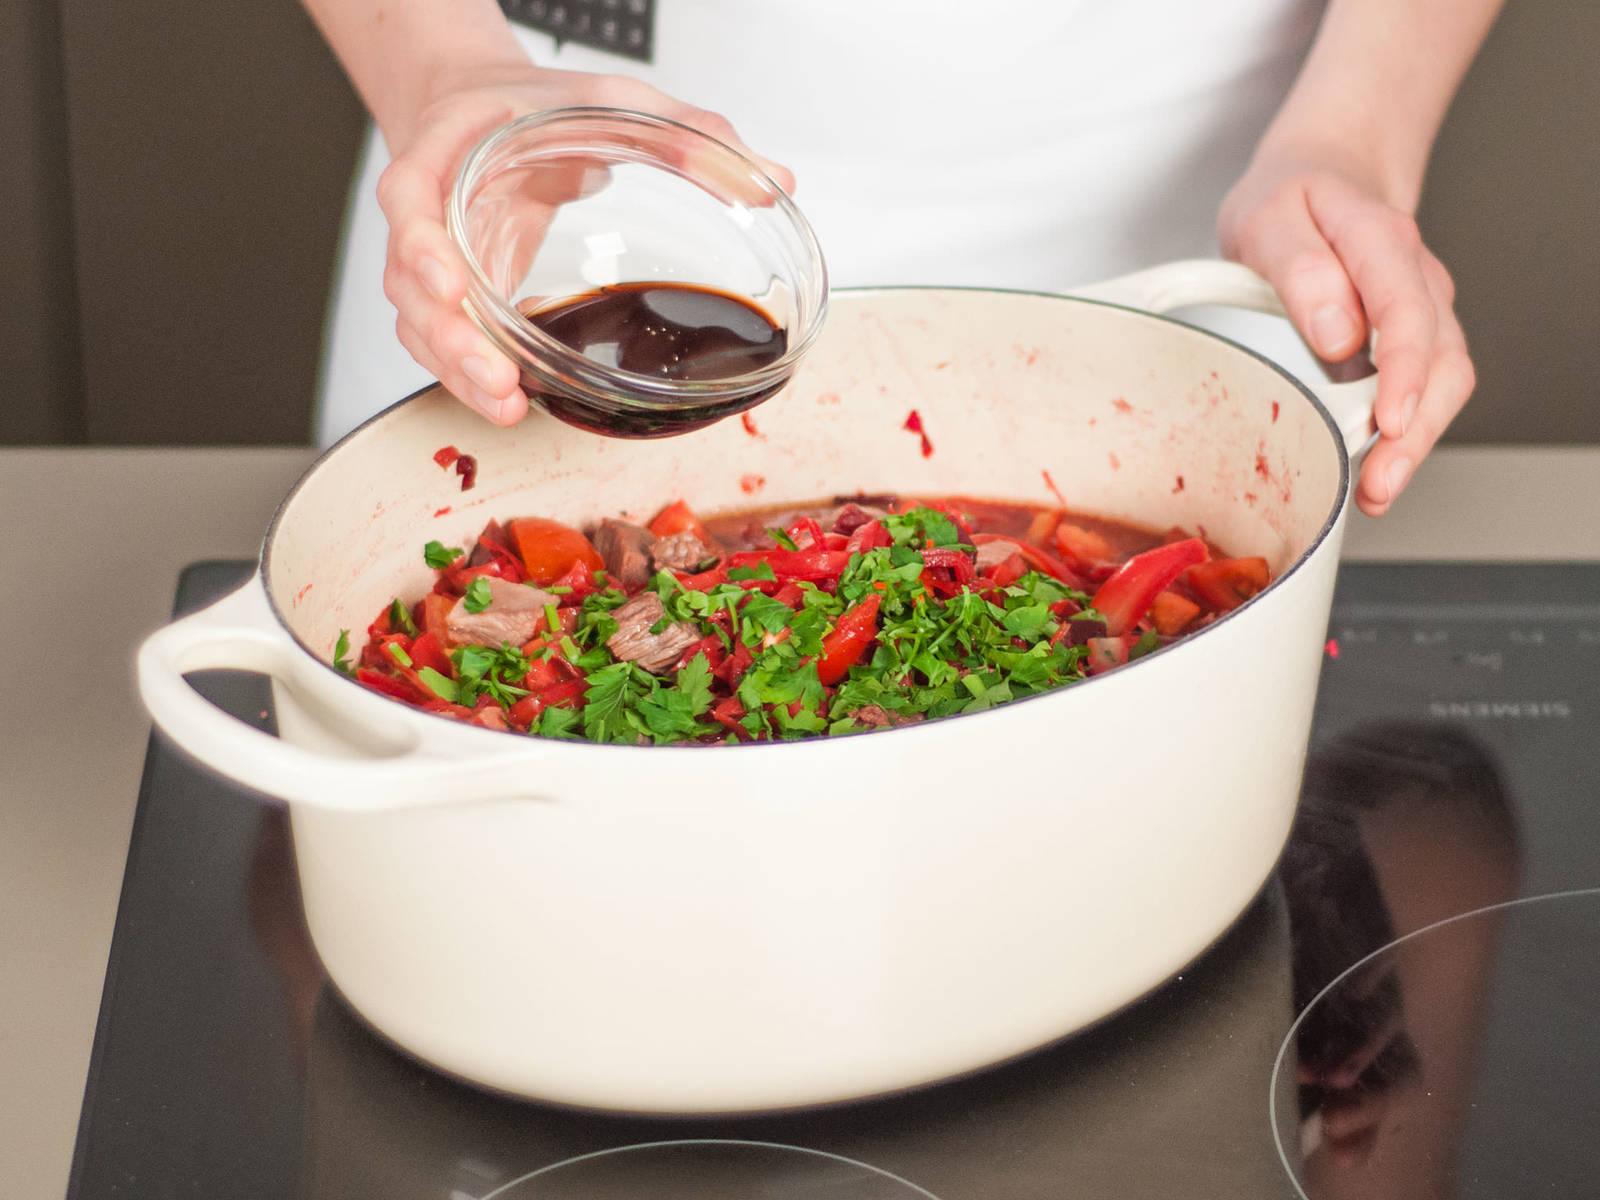 最后加入欧芹与红葡萄酒醋,搅拌均匀。可根据个人口味佐以酸奶油享用。